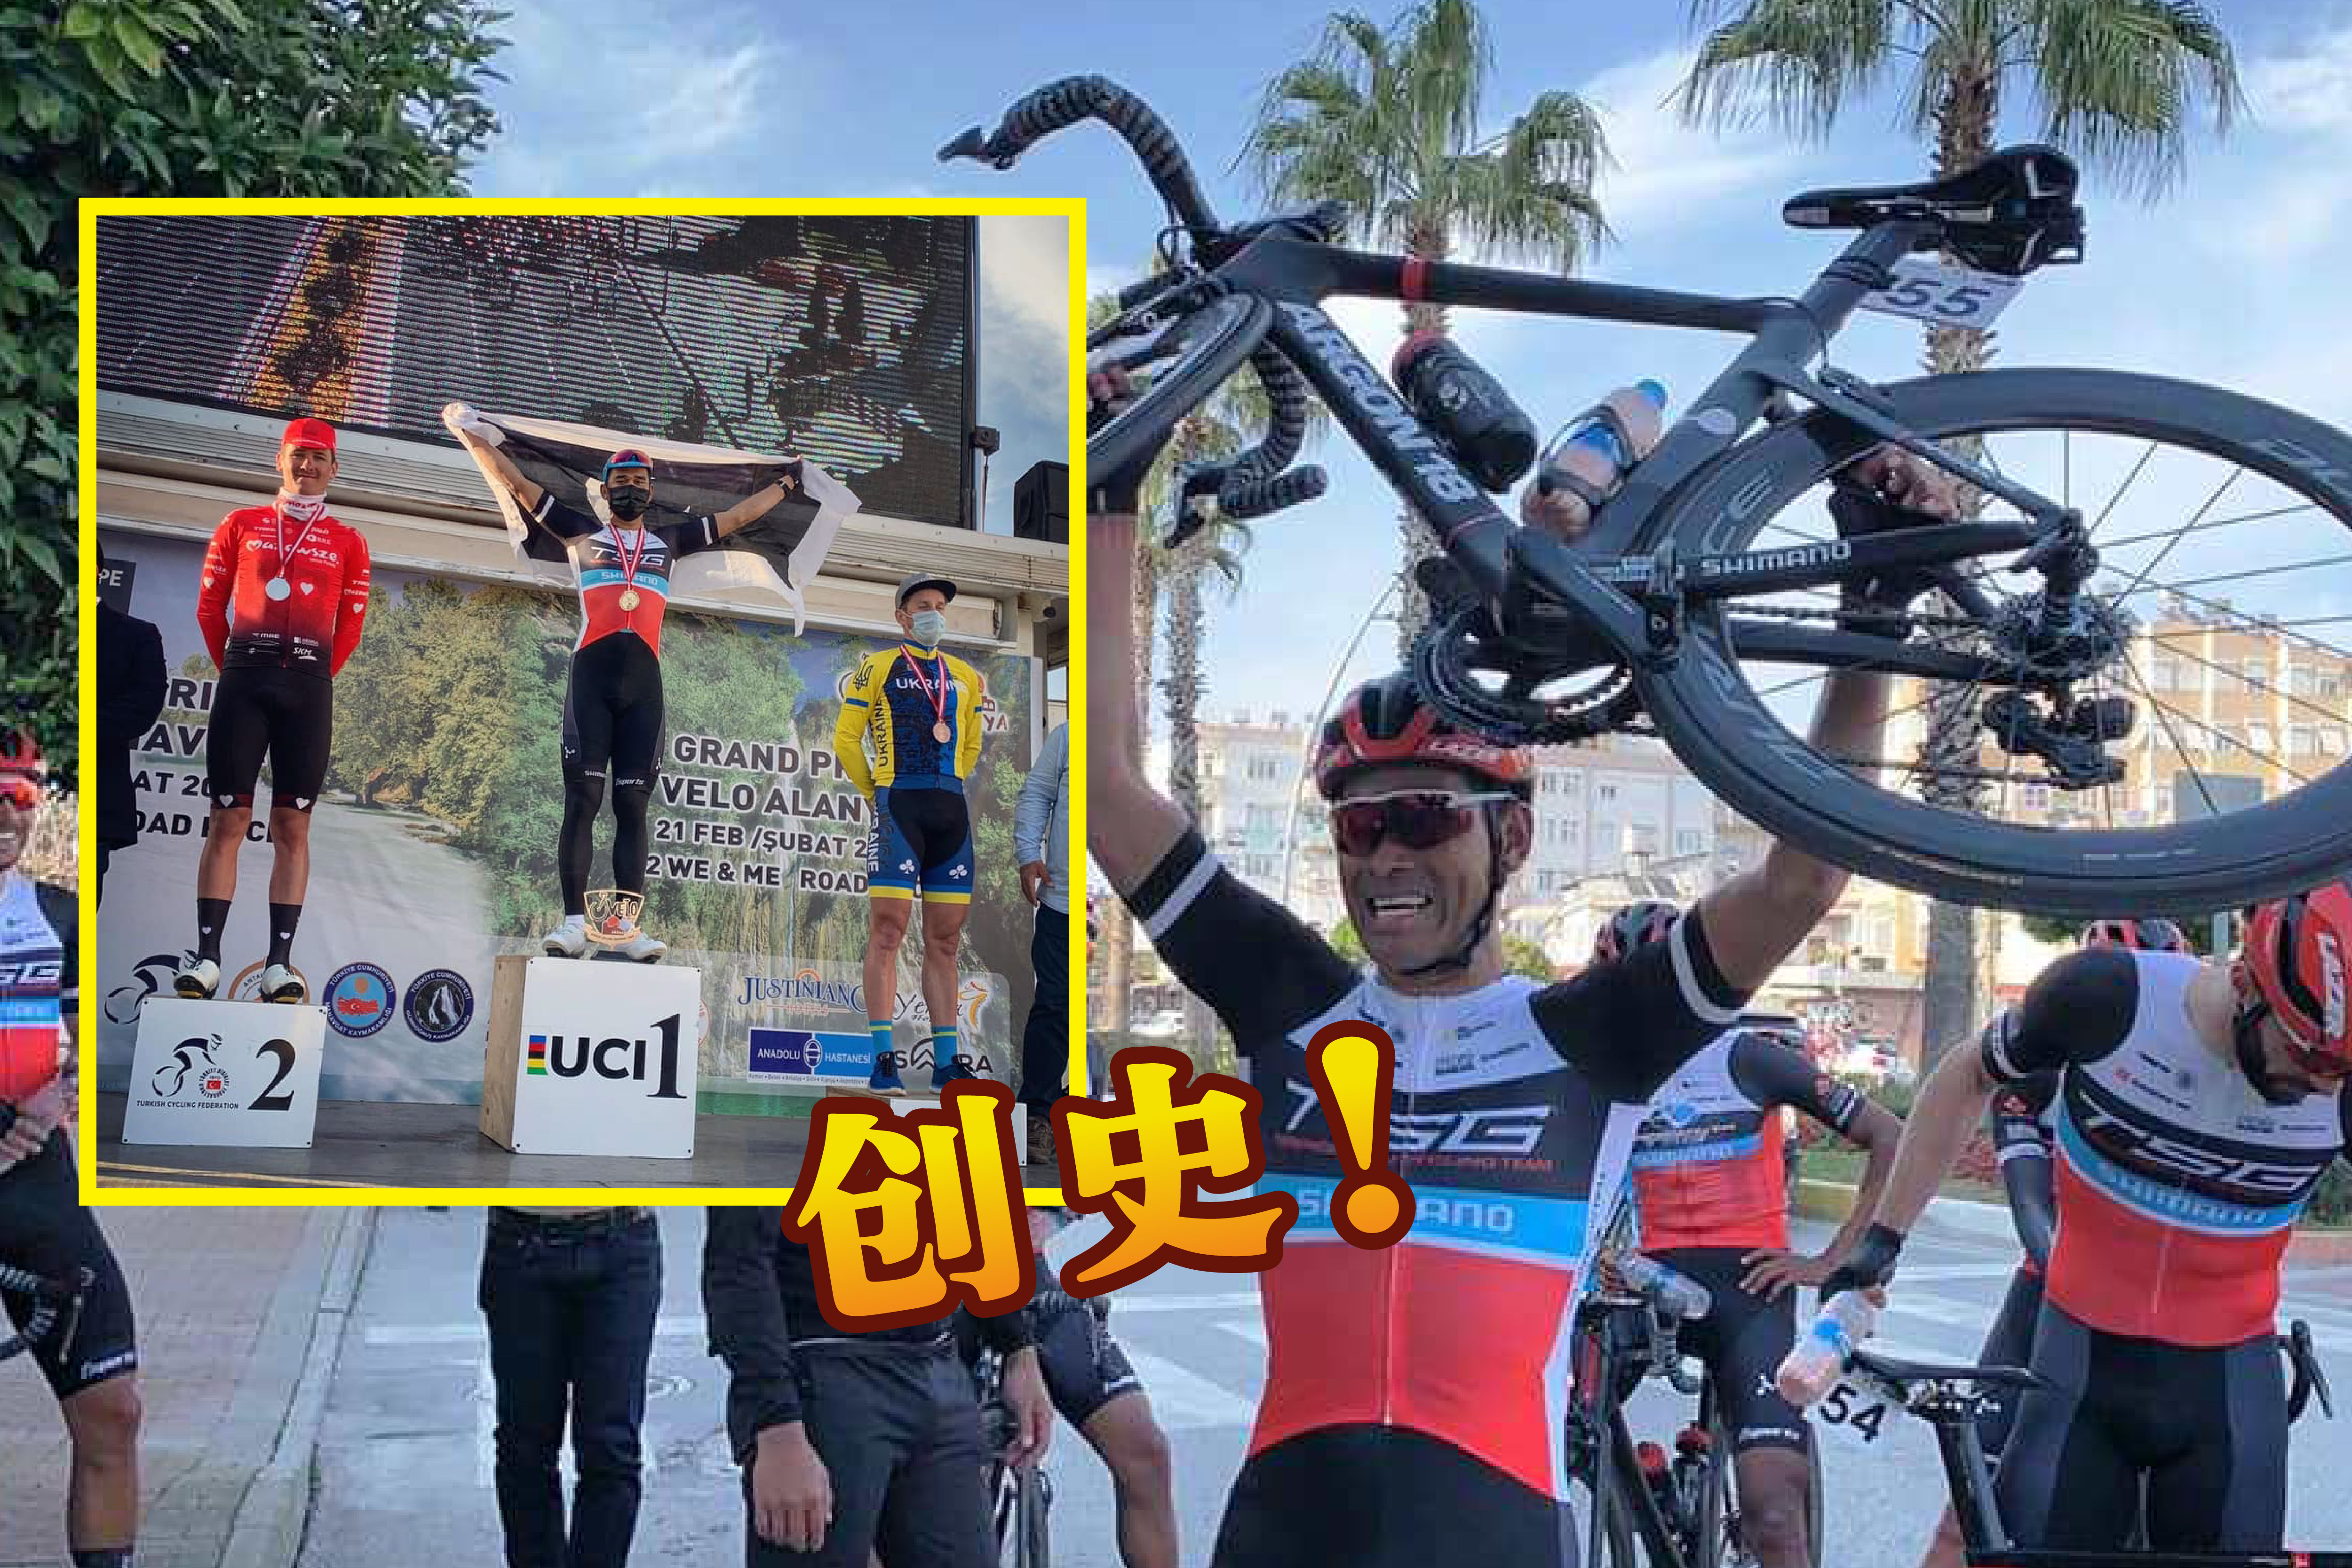 登嘉楼洲际职业脚车队大马车手哈里夫,创史拿下UCI欧巡赛公路脚车赛首金。-摘自登嘉楼车队脸书/精彩大马制图-